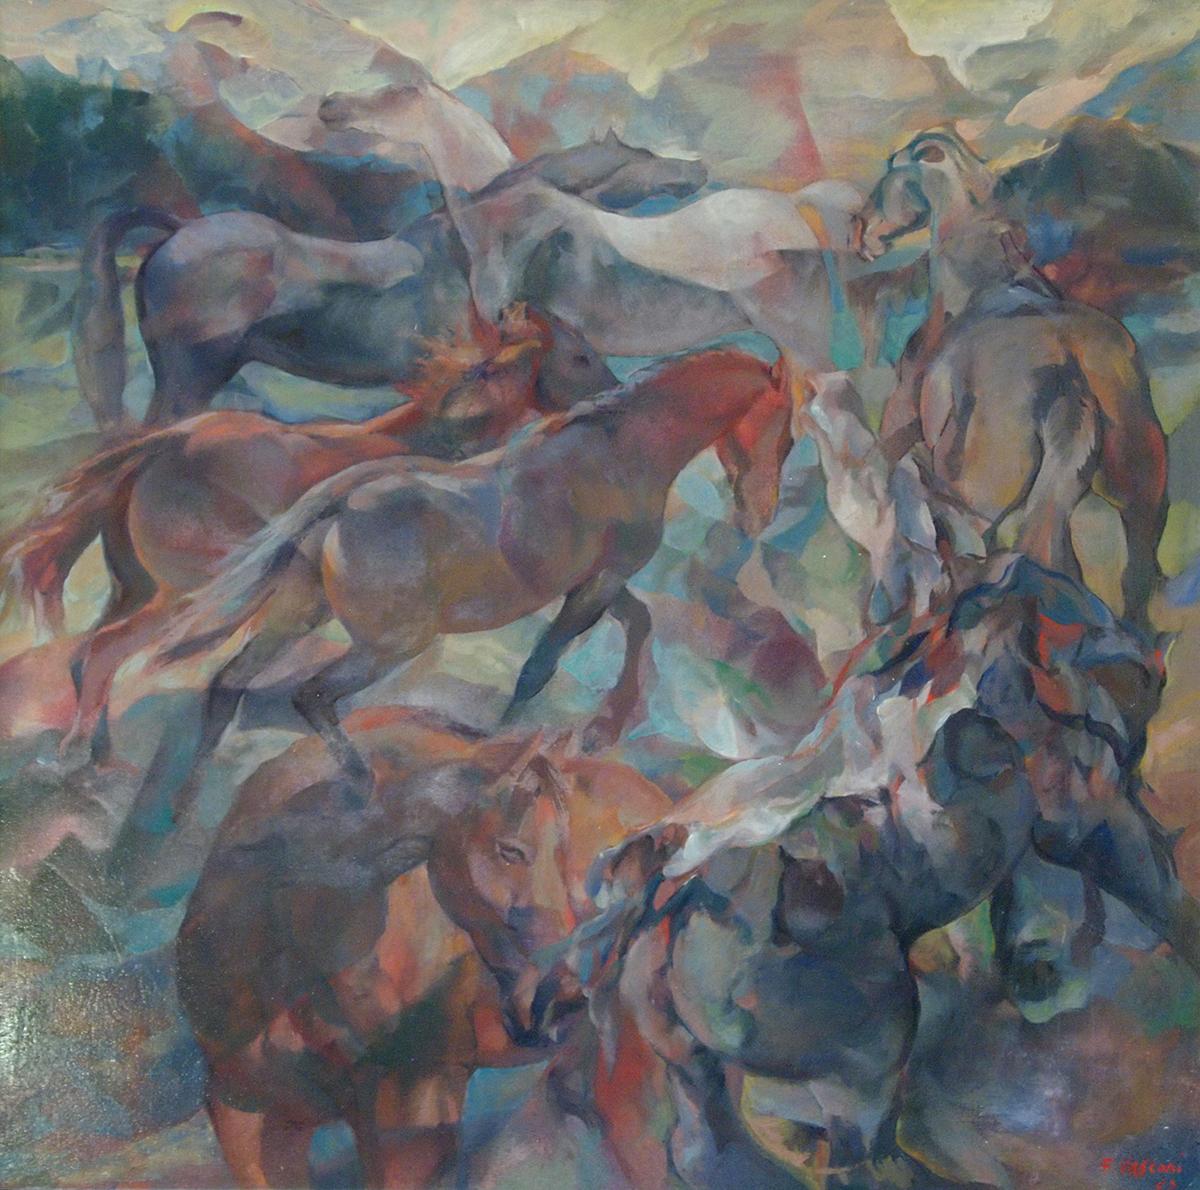 Cavalli olio su tela, 80×80